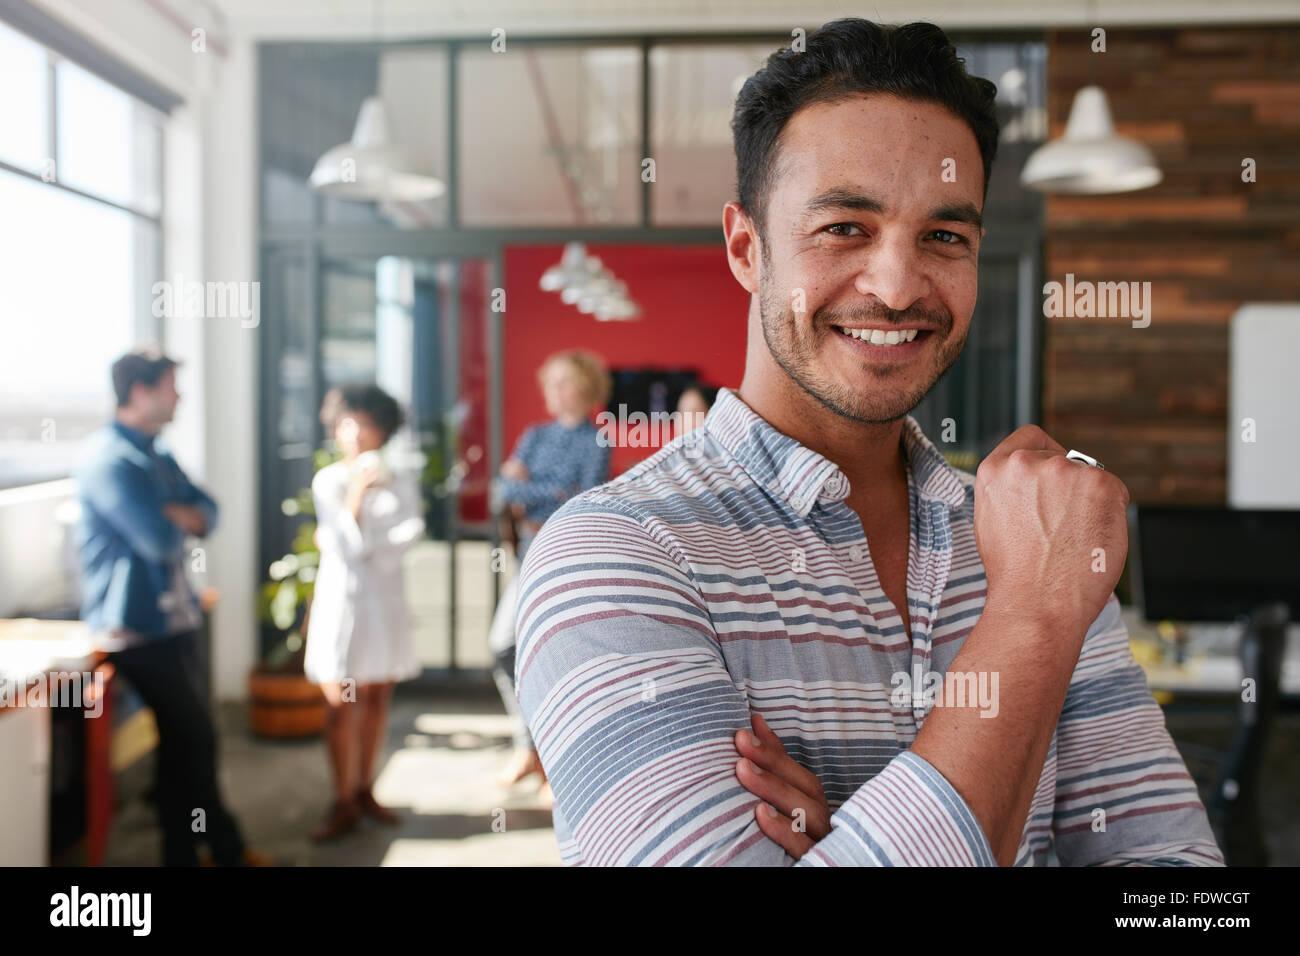 Retrato de smart profesional creativo mirando a la cámara y sonriendo. Feliz hombre de pie en caucásicos Imagen De Stock